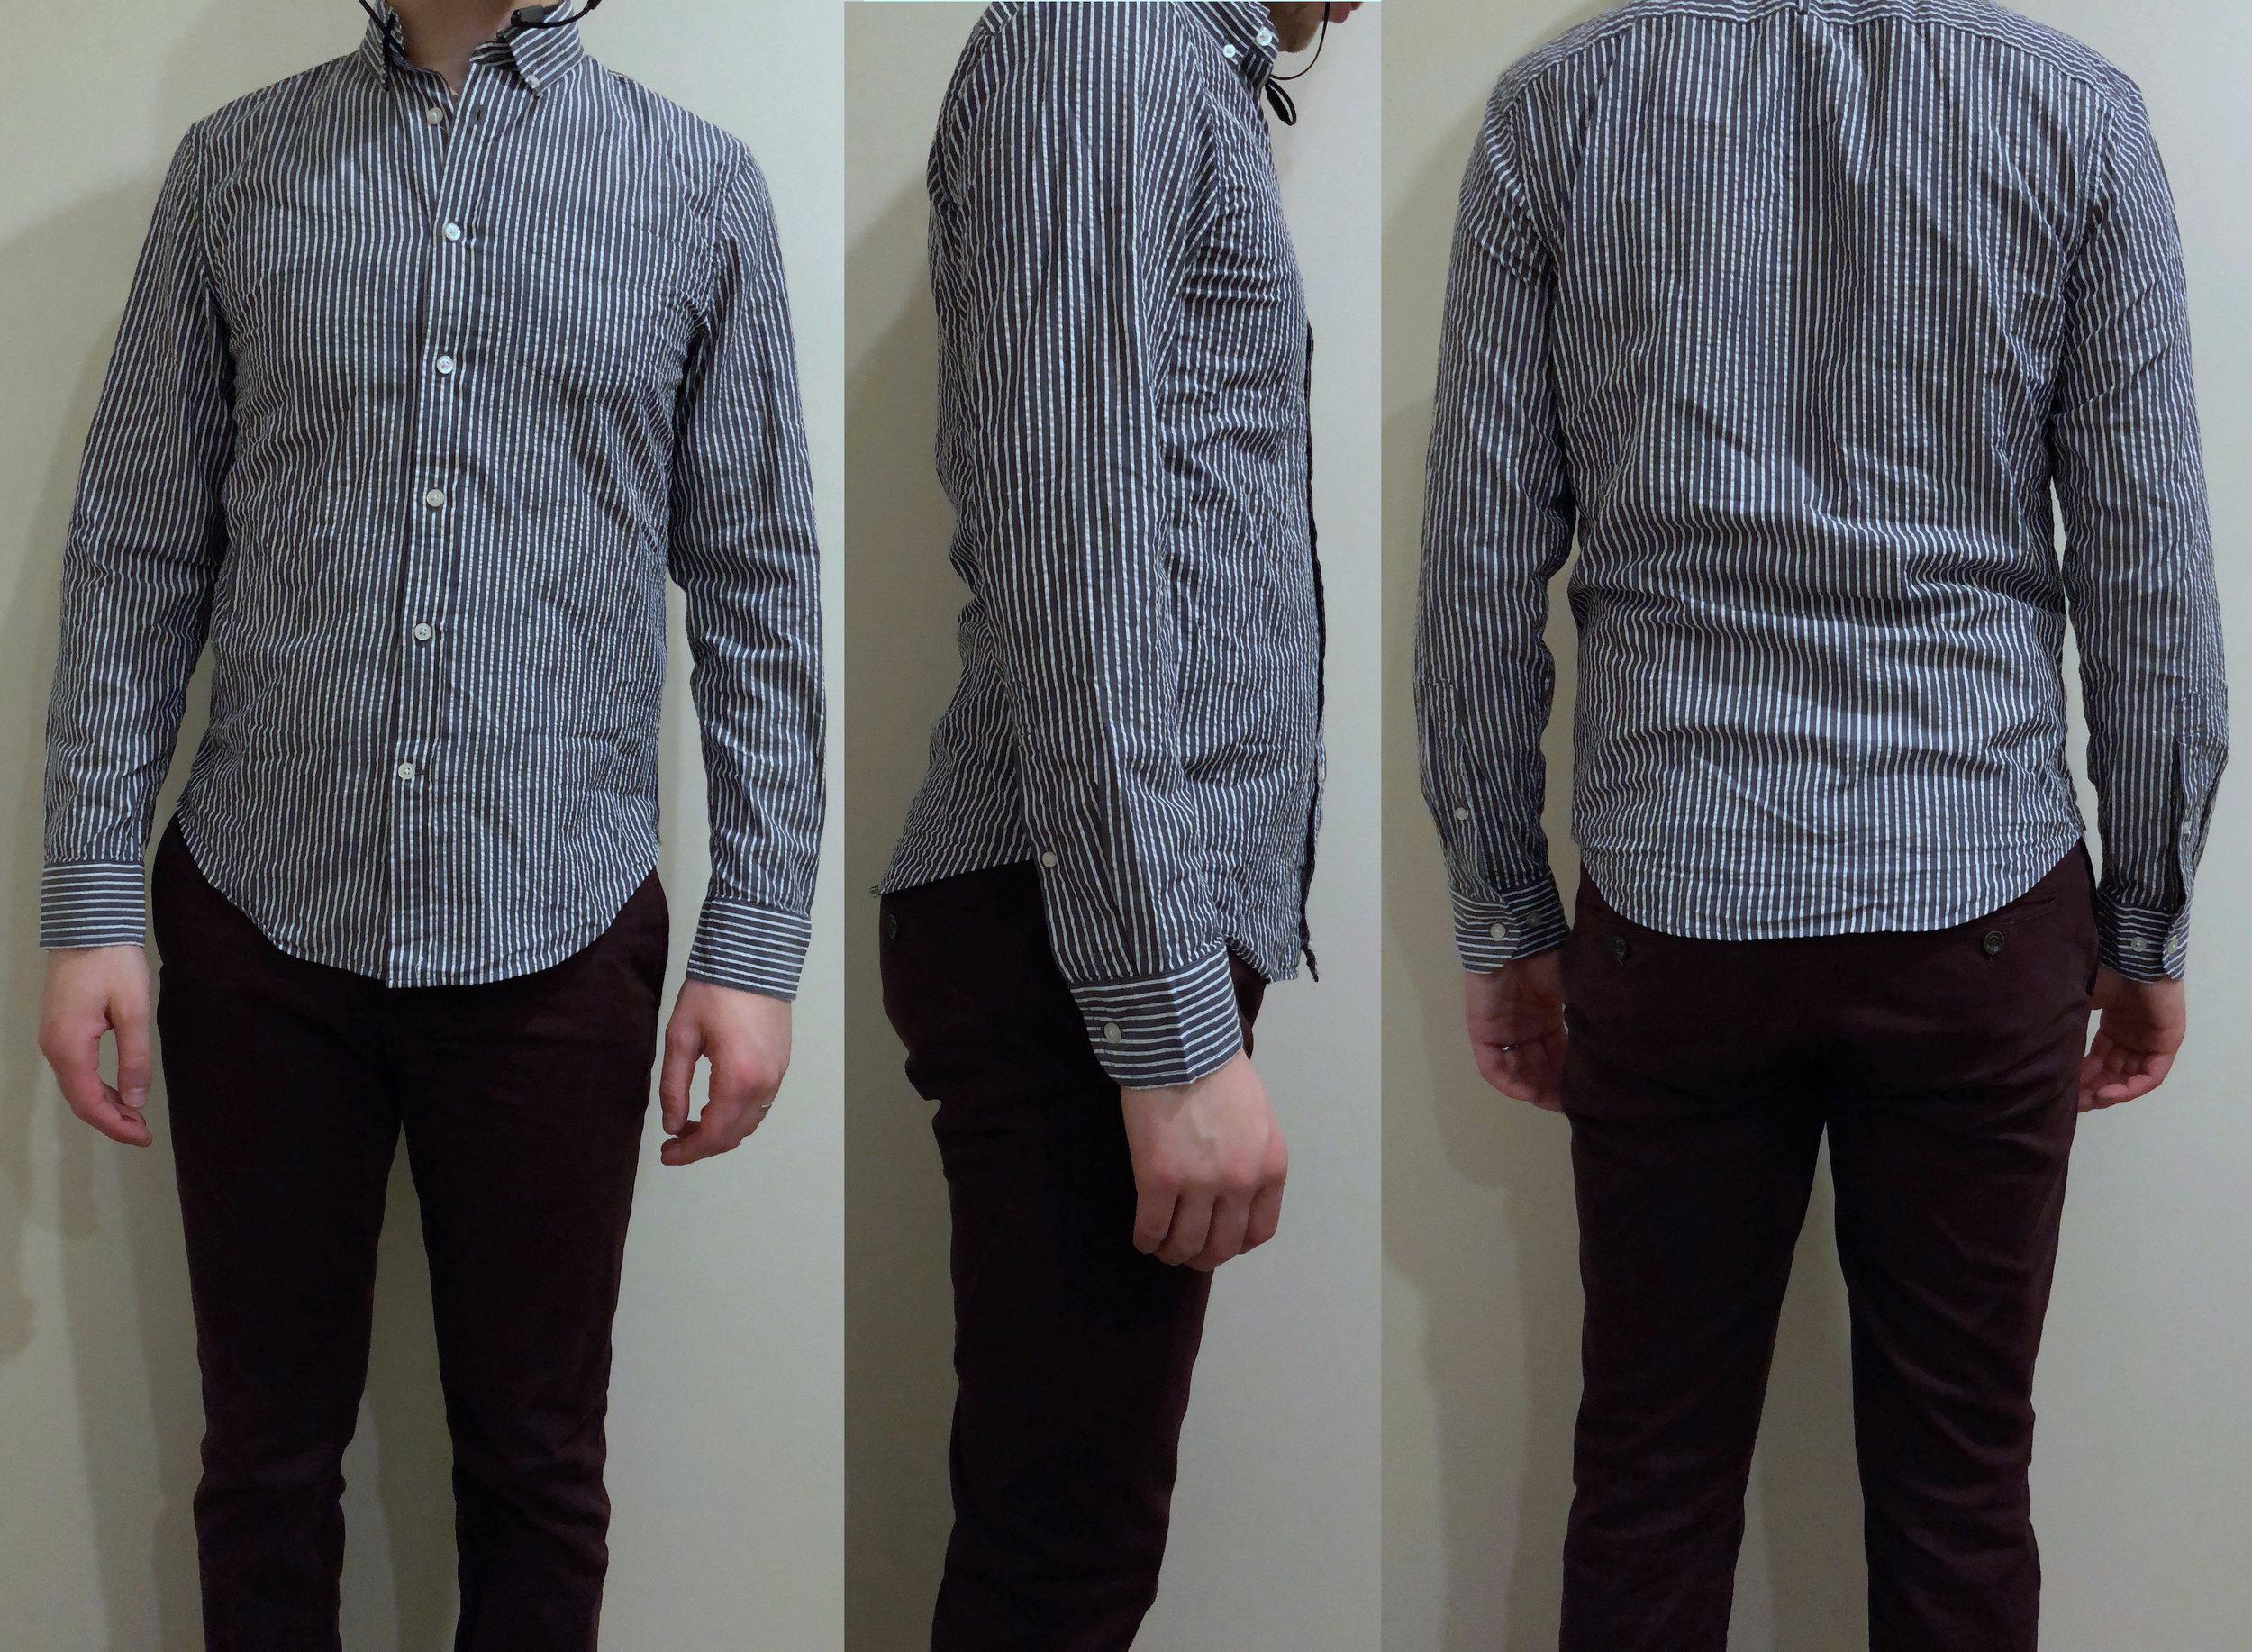 Seersucker shirt — The best of the bunch